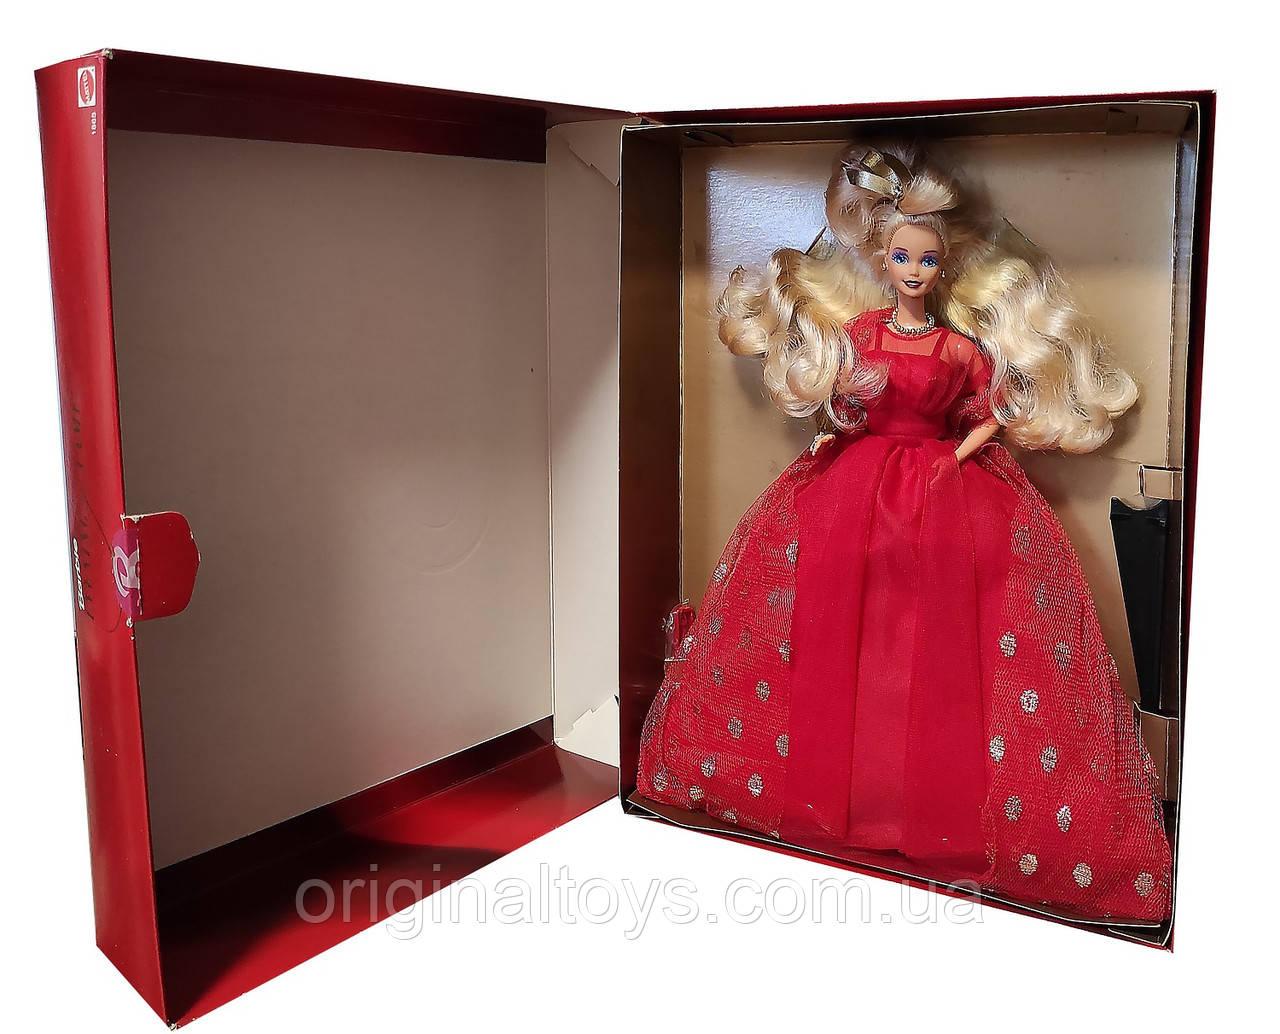 Колекційна лялька Барбі Вечірнє полум'я Barbie Evening Flame 1991 Mattel 1865